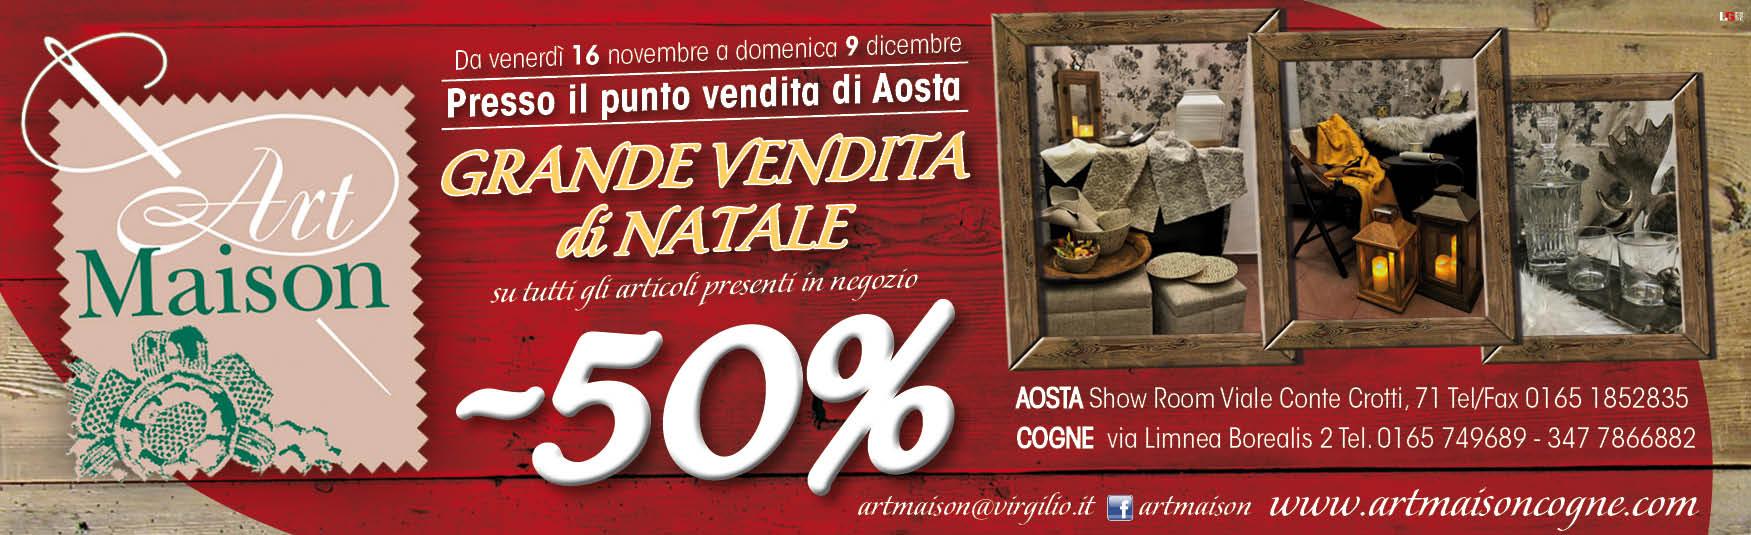 Art Maison Grande Vendita di Natale Aosta